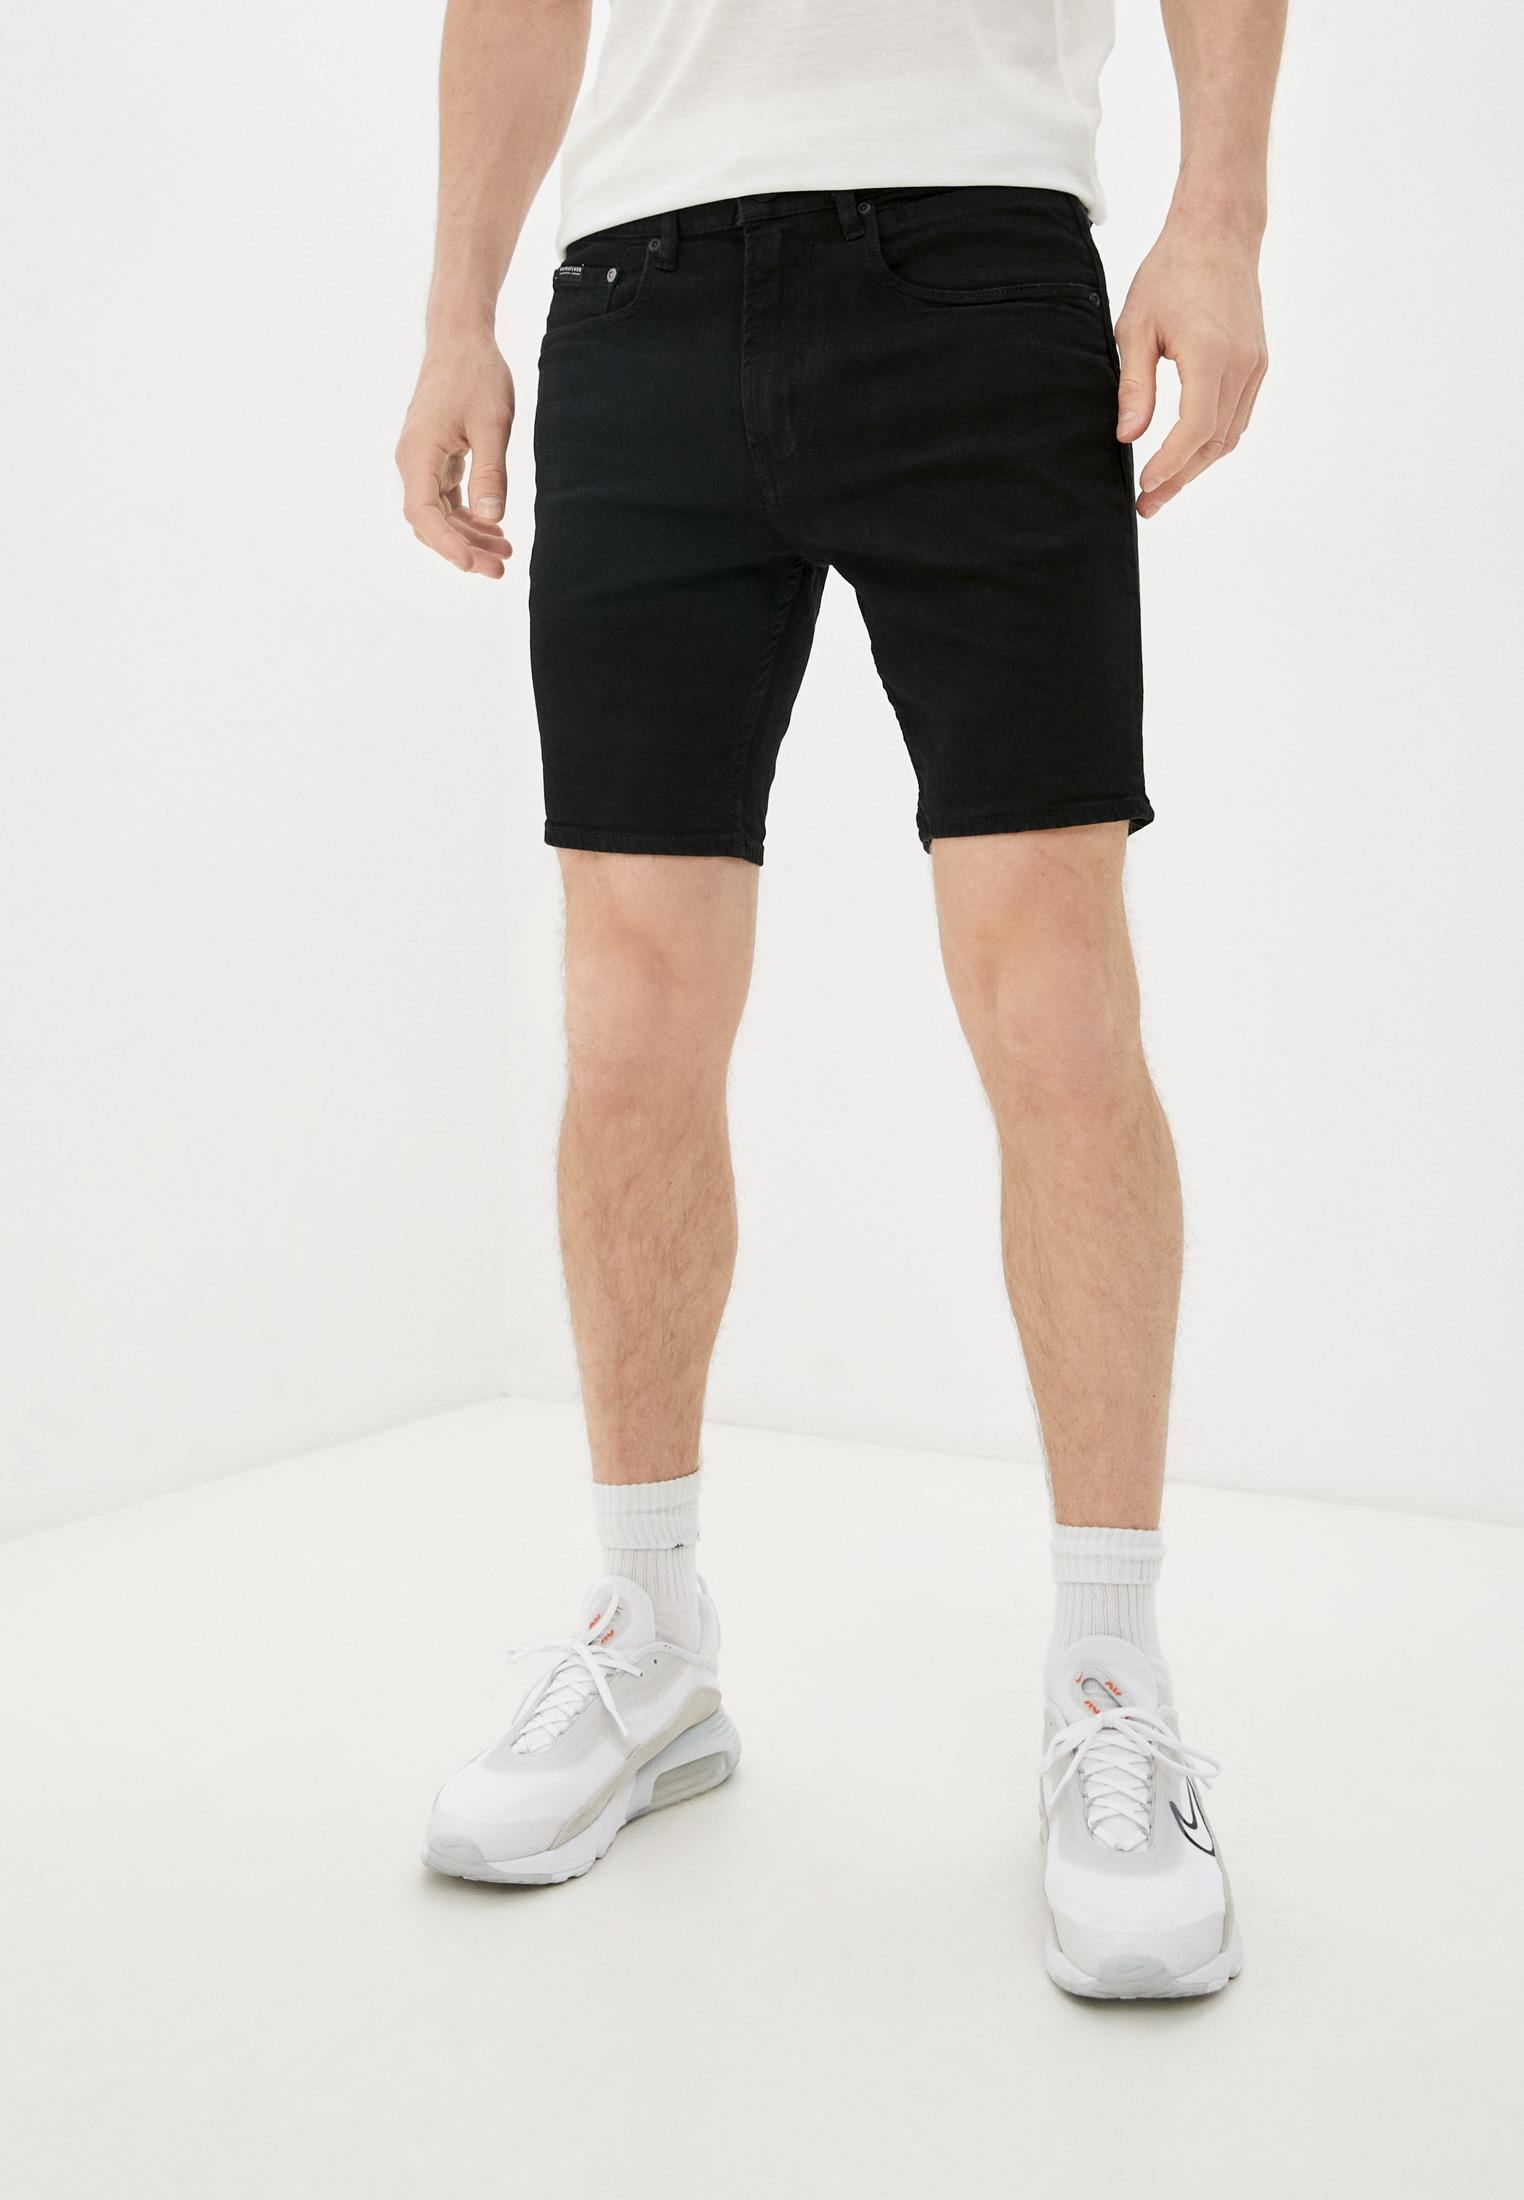 Мужские джинсовые шорты Quiksilver (Квиксильвер) Шорты джинсовые Quiksilver